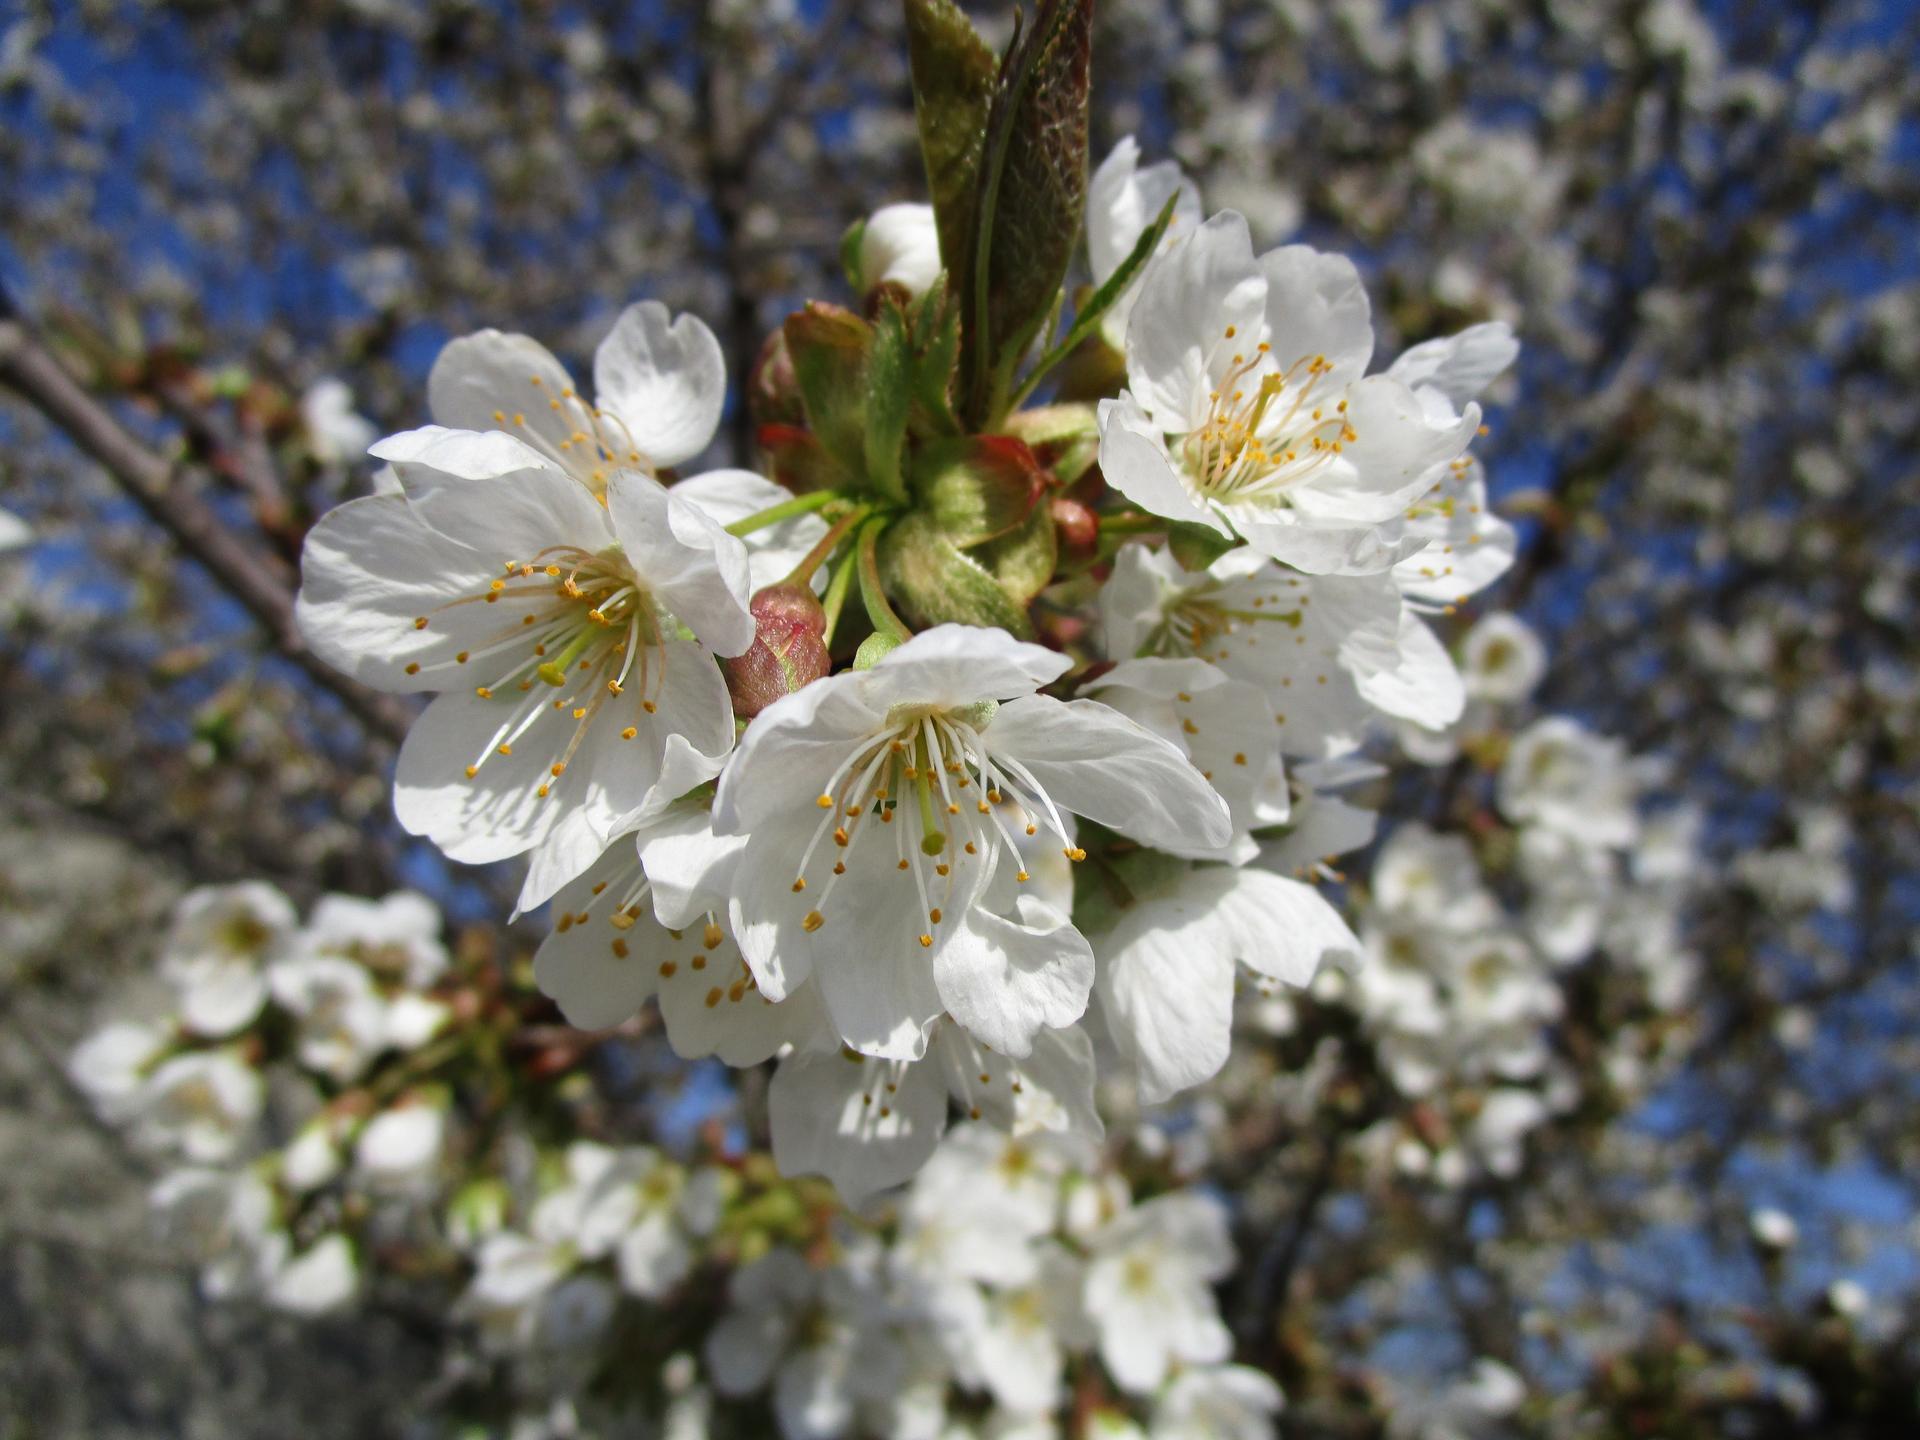 Vítáme jaro ... - Obrázek č. 11